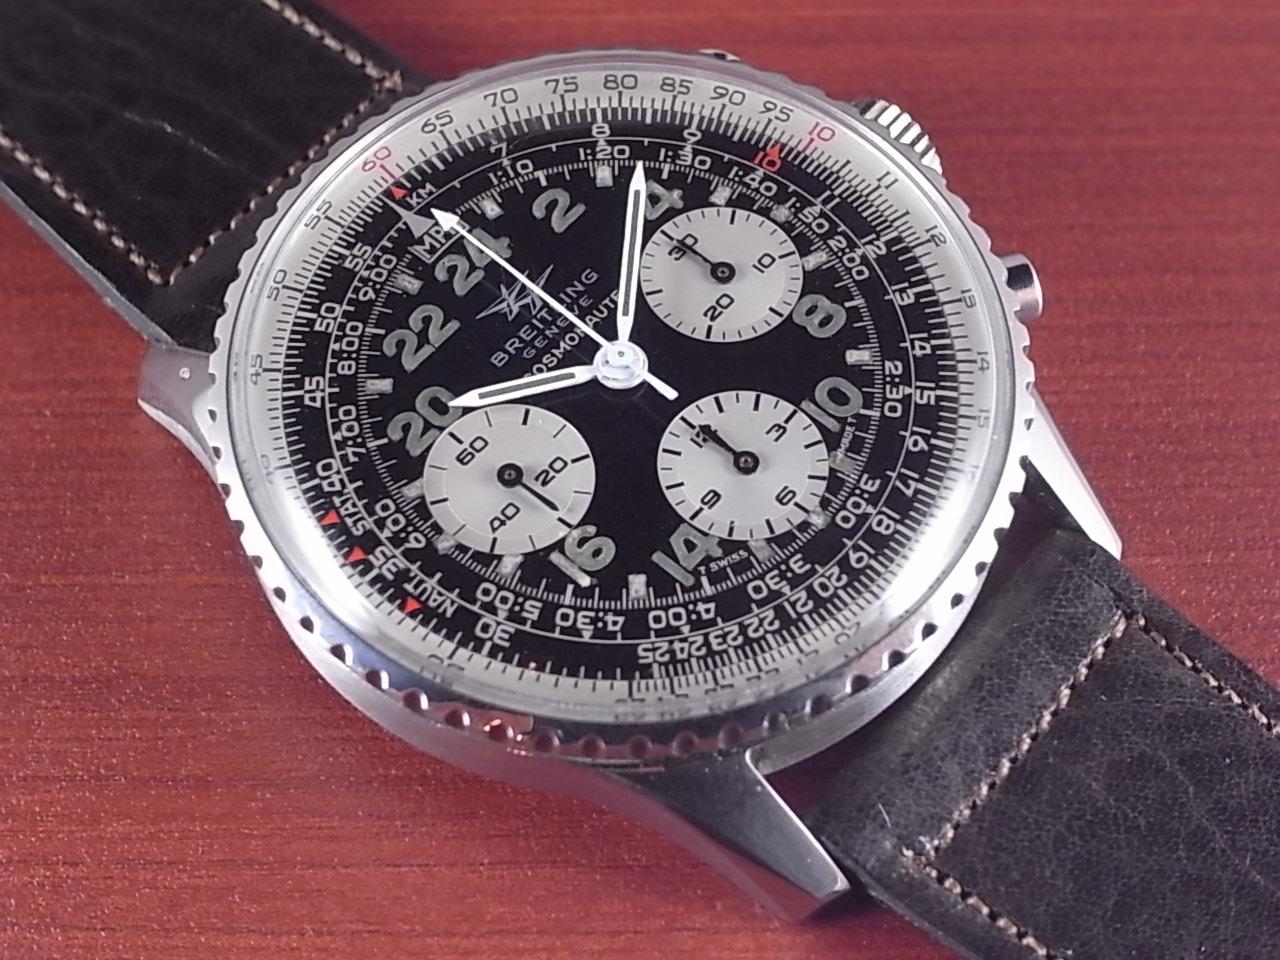 ブライトリング コスモノート Ref.809 24時間時計 ギャラ付き 1960年代のメイン写真